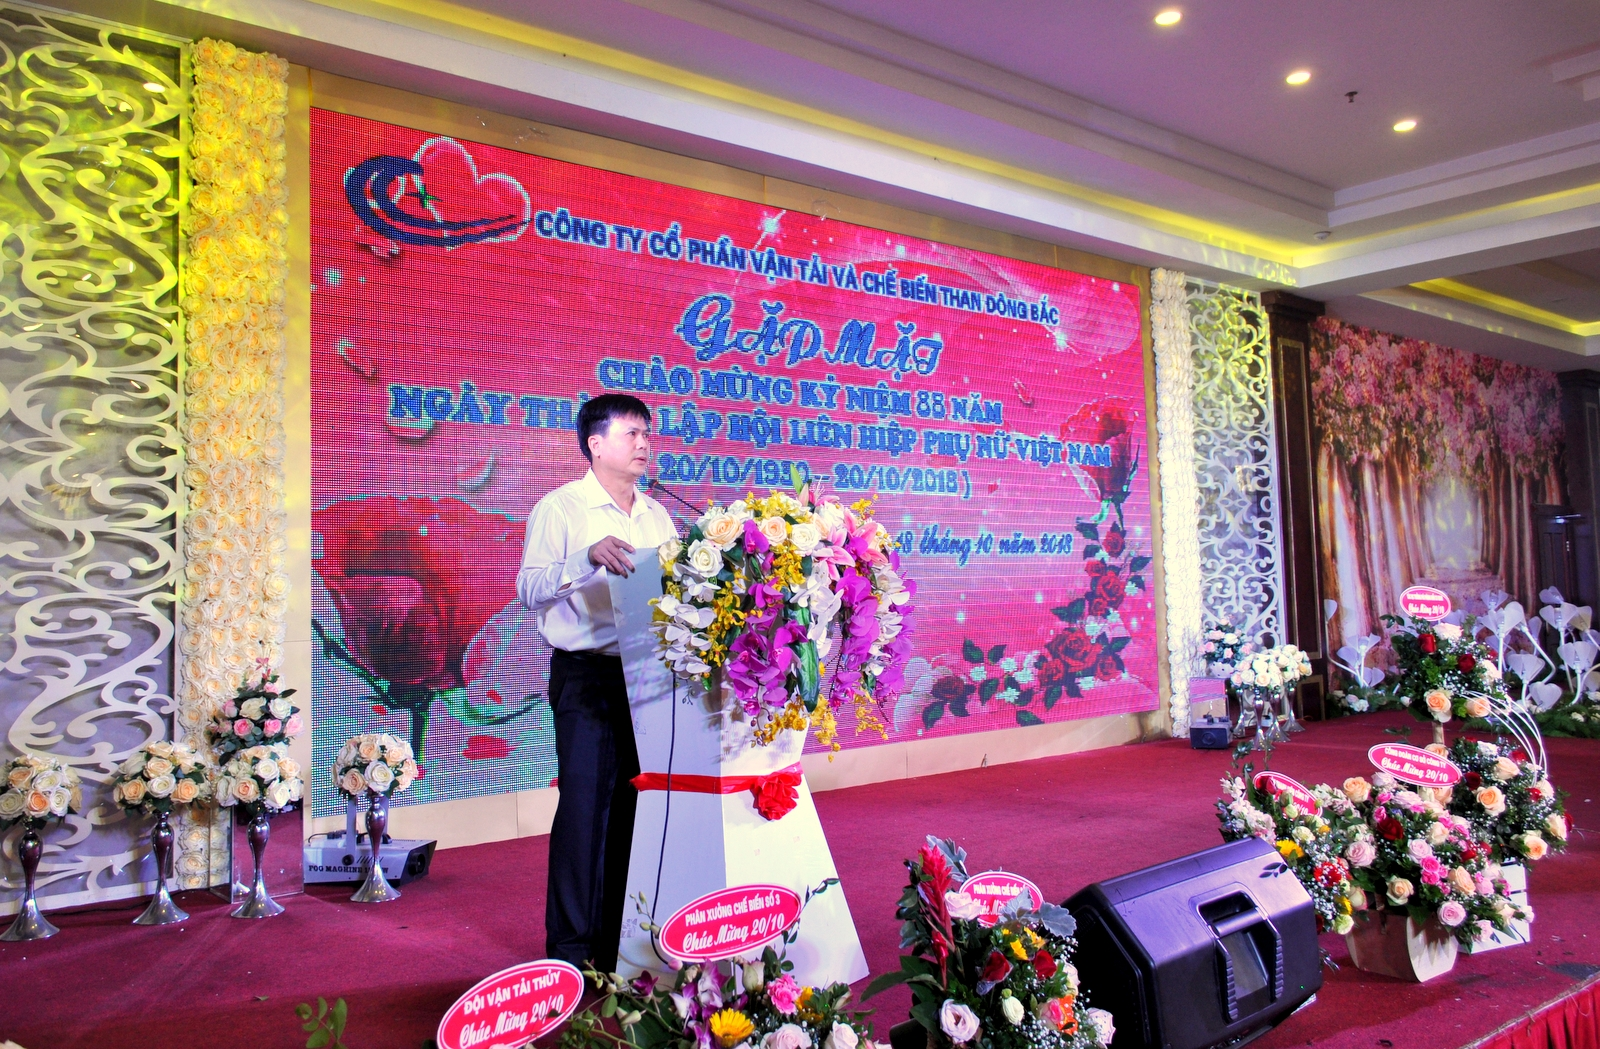 Hội phụ nữ cơ sở Công ty cổ phần Vận tải và Chế biến than Đông Bắc tổ chức Gặp mặt kỷ niêm 88 năm Ngày thành lập Hội LHPN Việt Nam